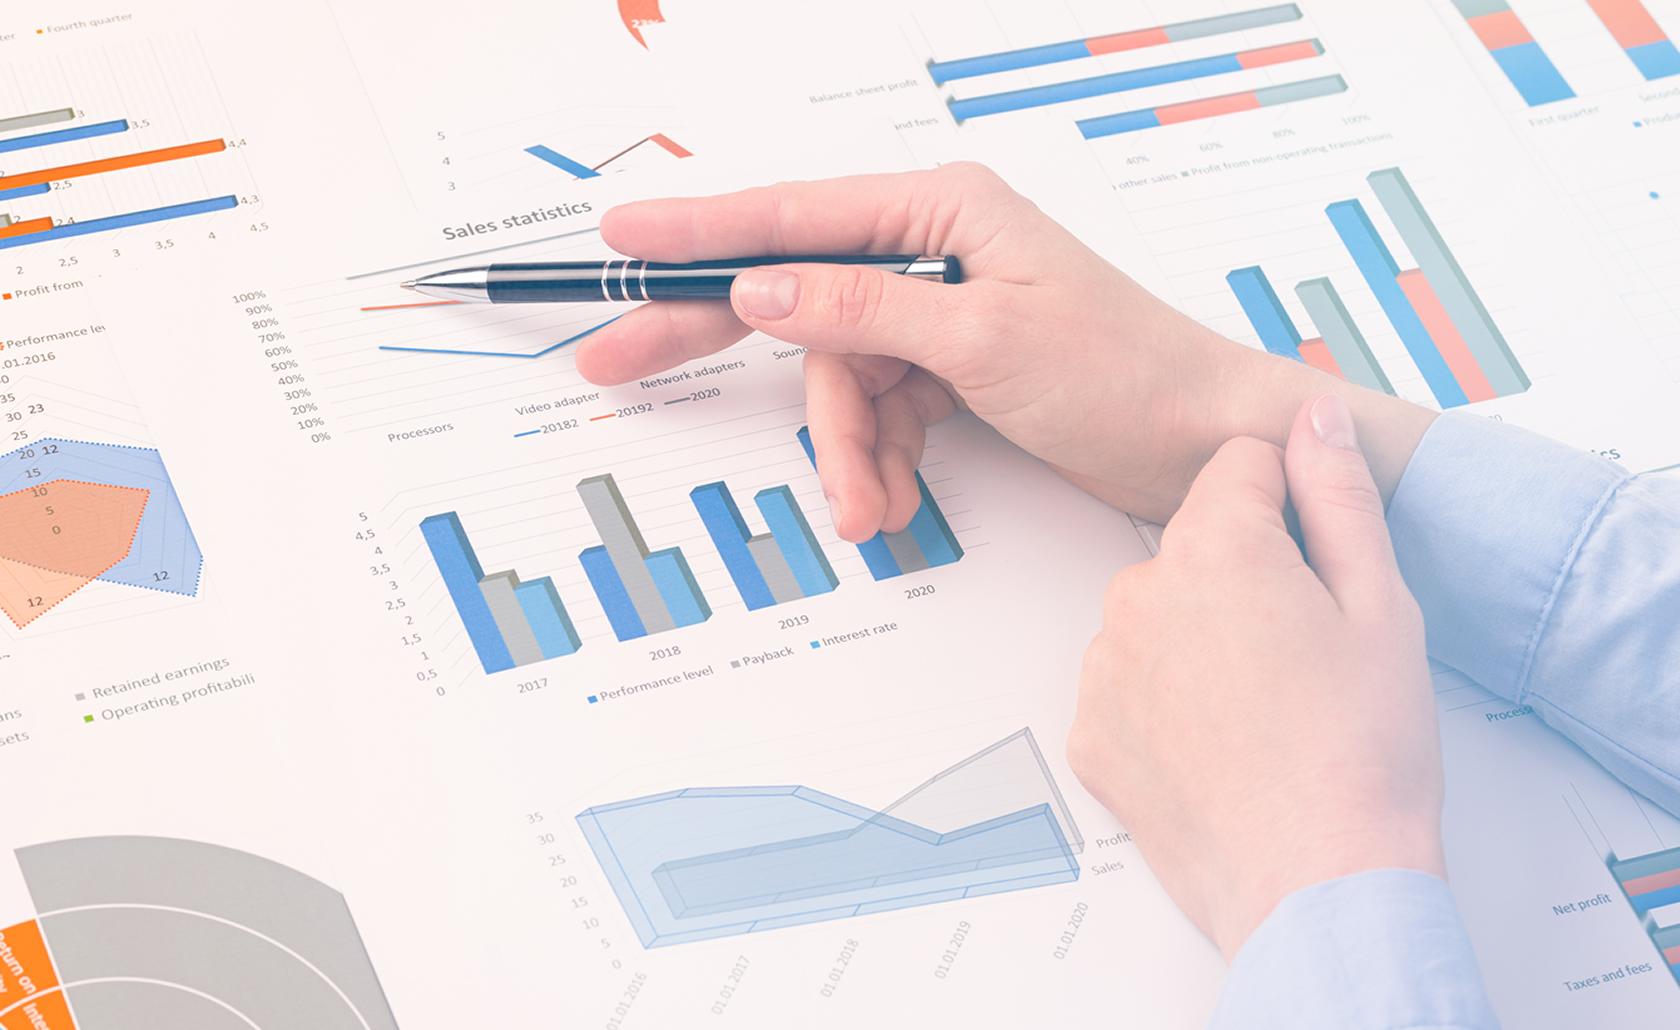 データサイエンスを学ぶ方法